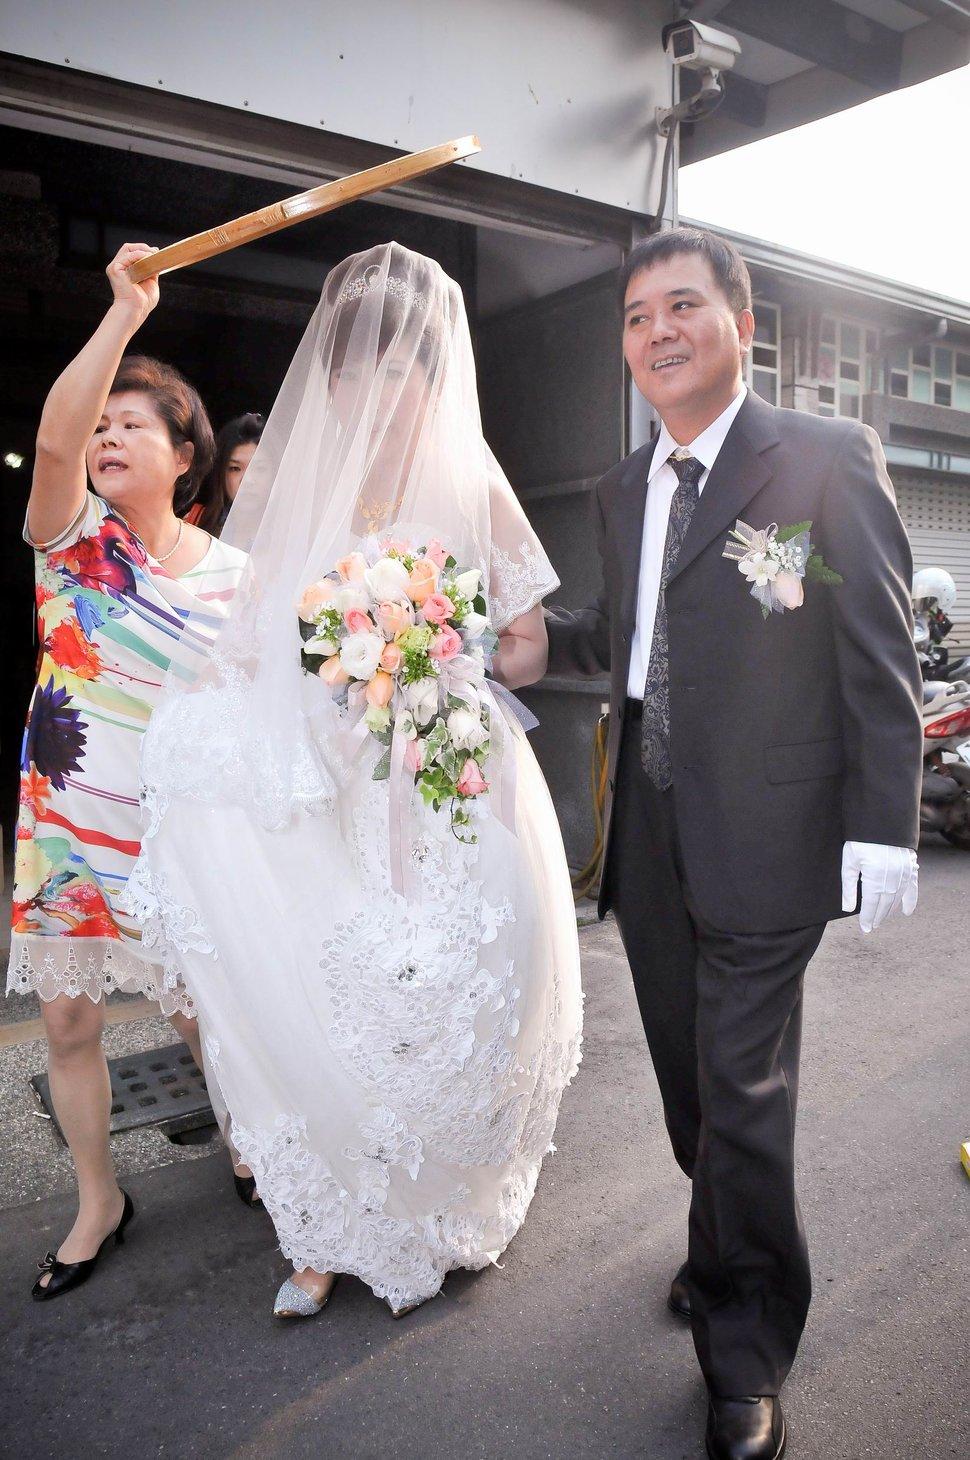 專業婚攝婚禮紀錄婚禮紀錄專業錄影婚禮錄影婚禮記錄動態微電影錄影專業錄影平面攝影婚攝婚禮主持人(編號:280447) - 蜜月拍照10800錄影12800攝影團隊 - 結婚吧